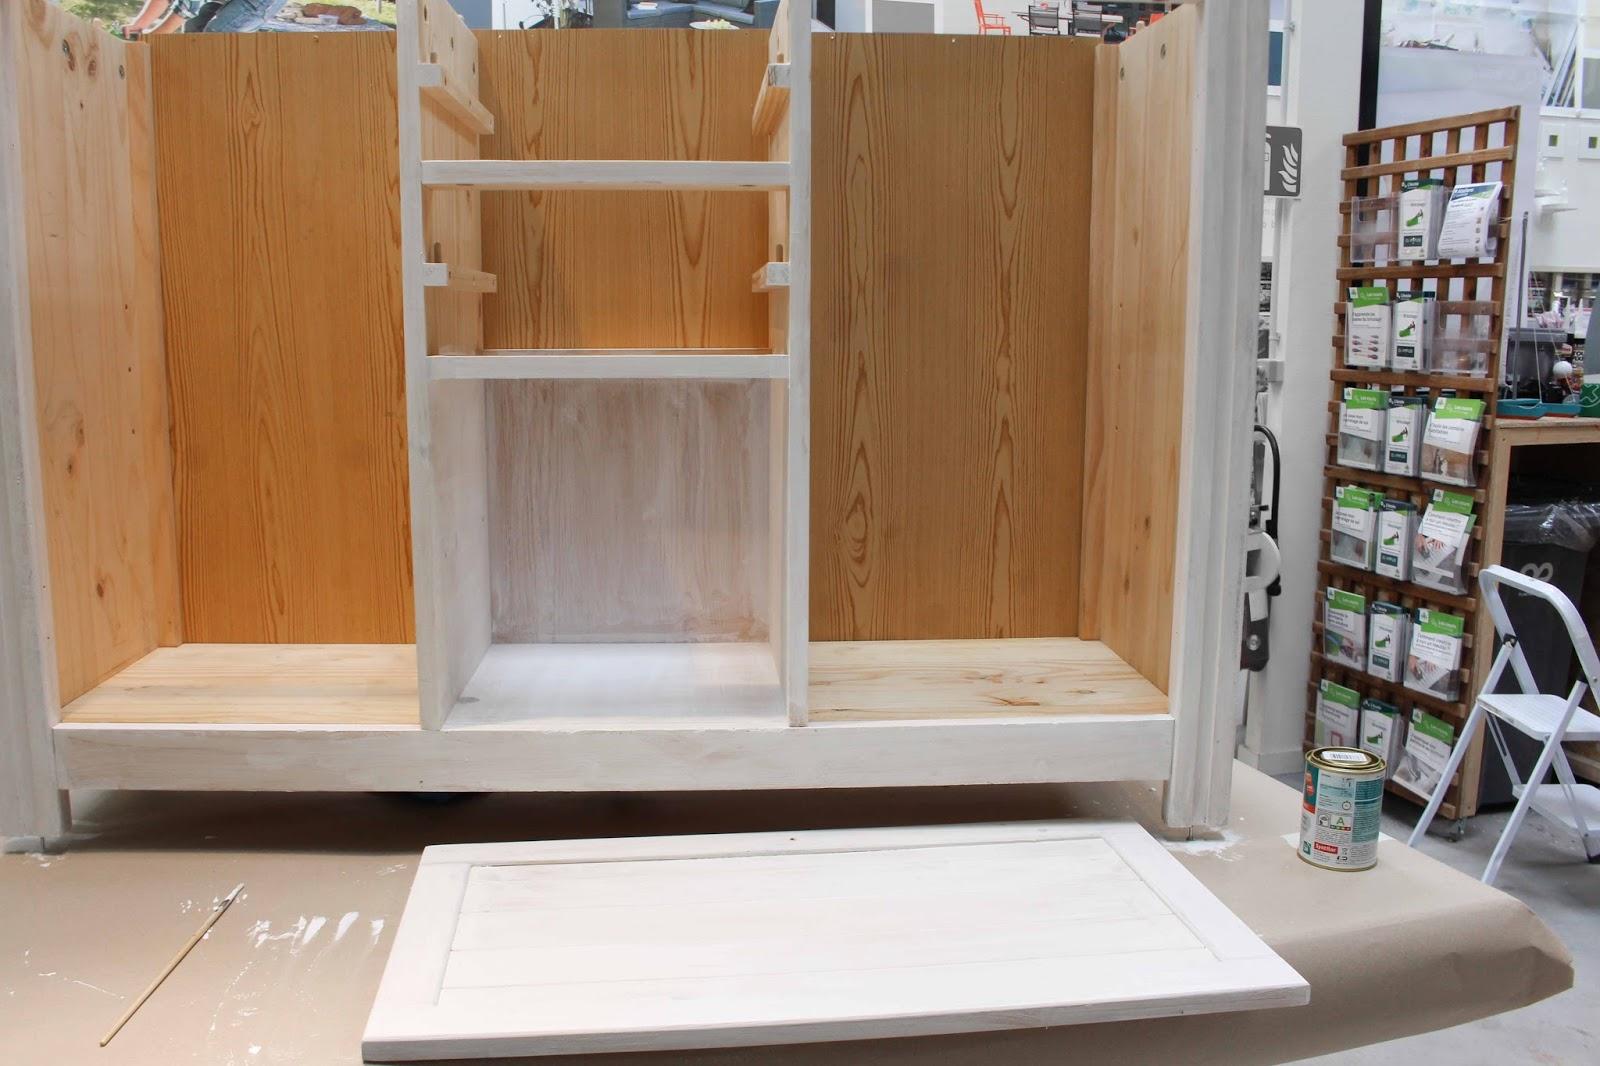 cours de bricolage chez leroy merlin relooker un meuble. Black Bedroom Furniture Sets. Home Design Ideas